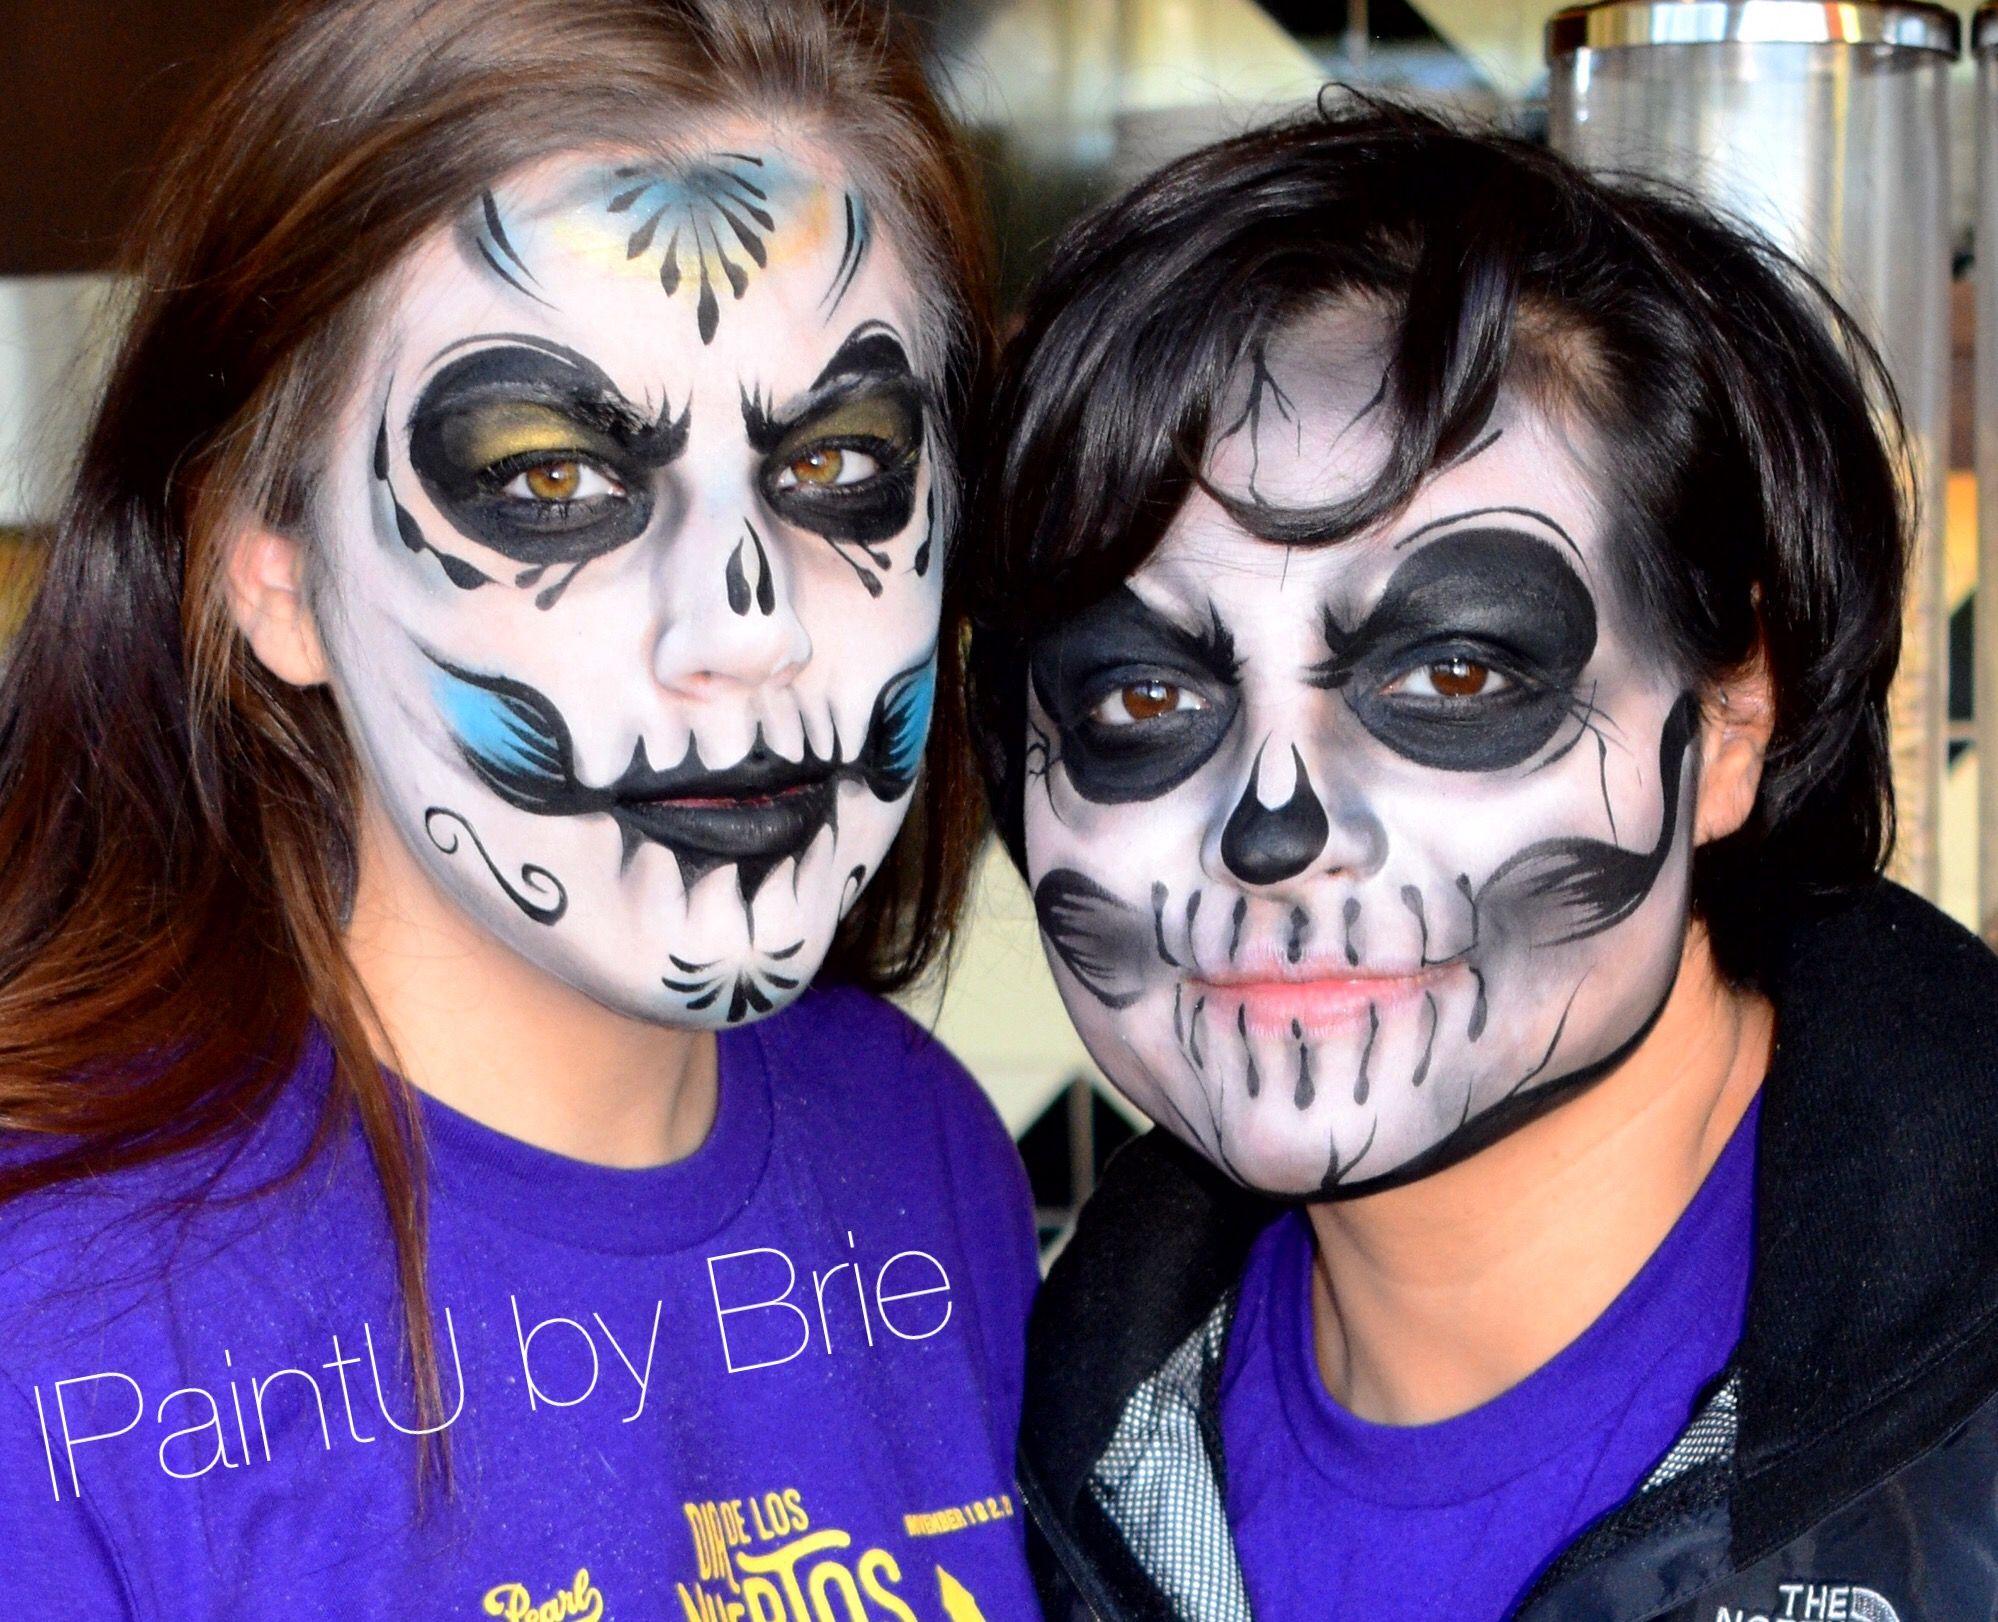 Sugar Skull Dia de los Muertos San Antonio Pearl Brewery